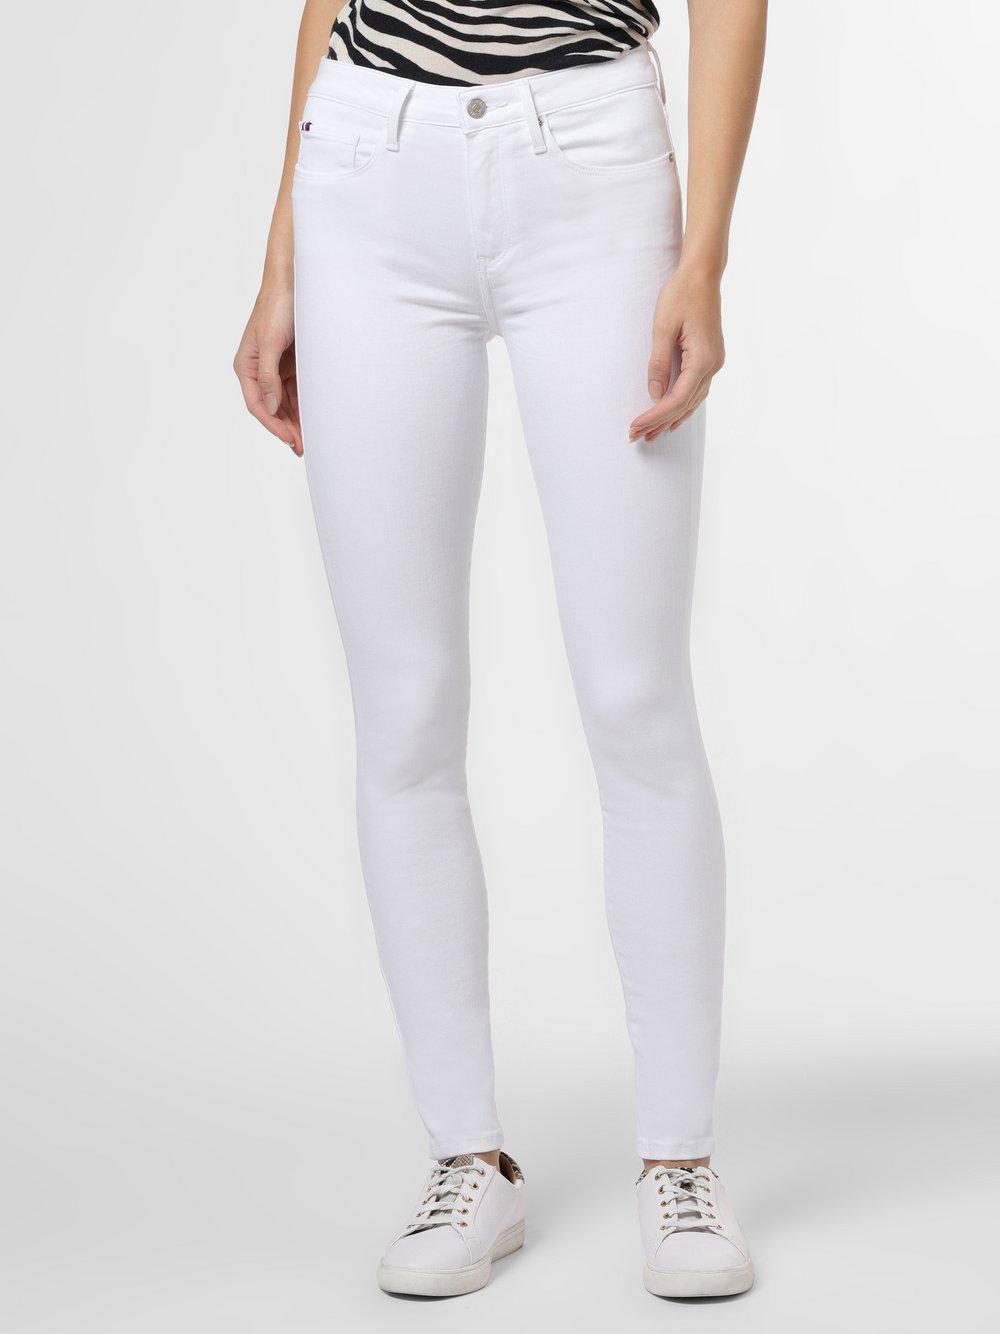 Tommy Hilfiger - Spodnie damskie – Como, biały